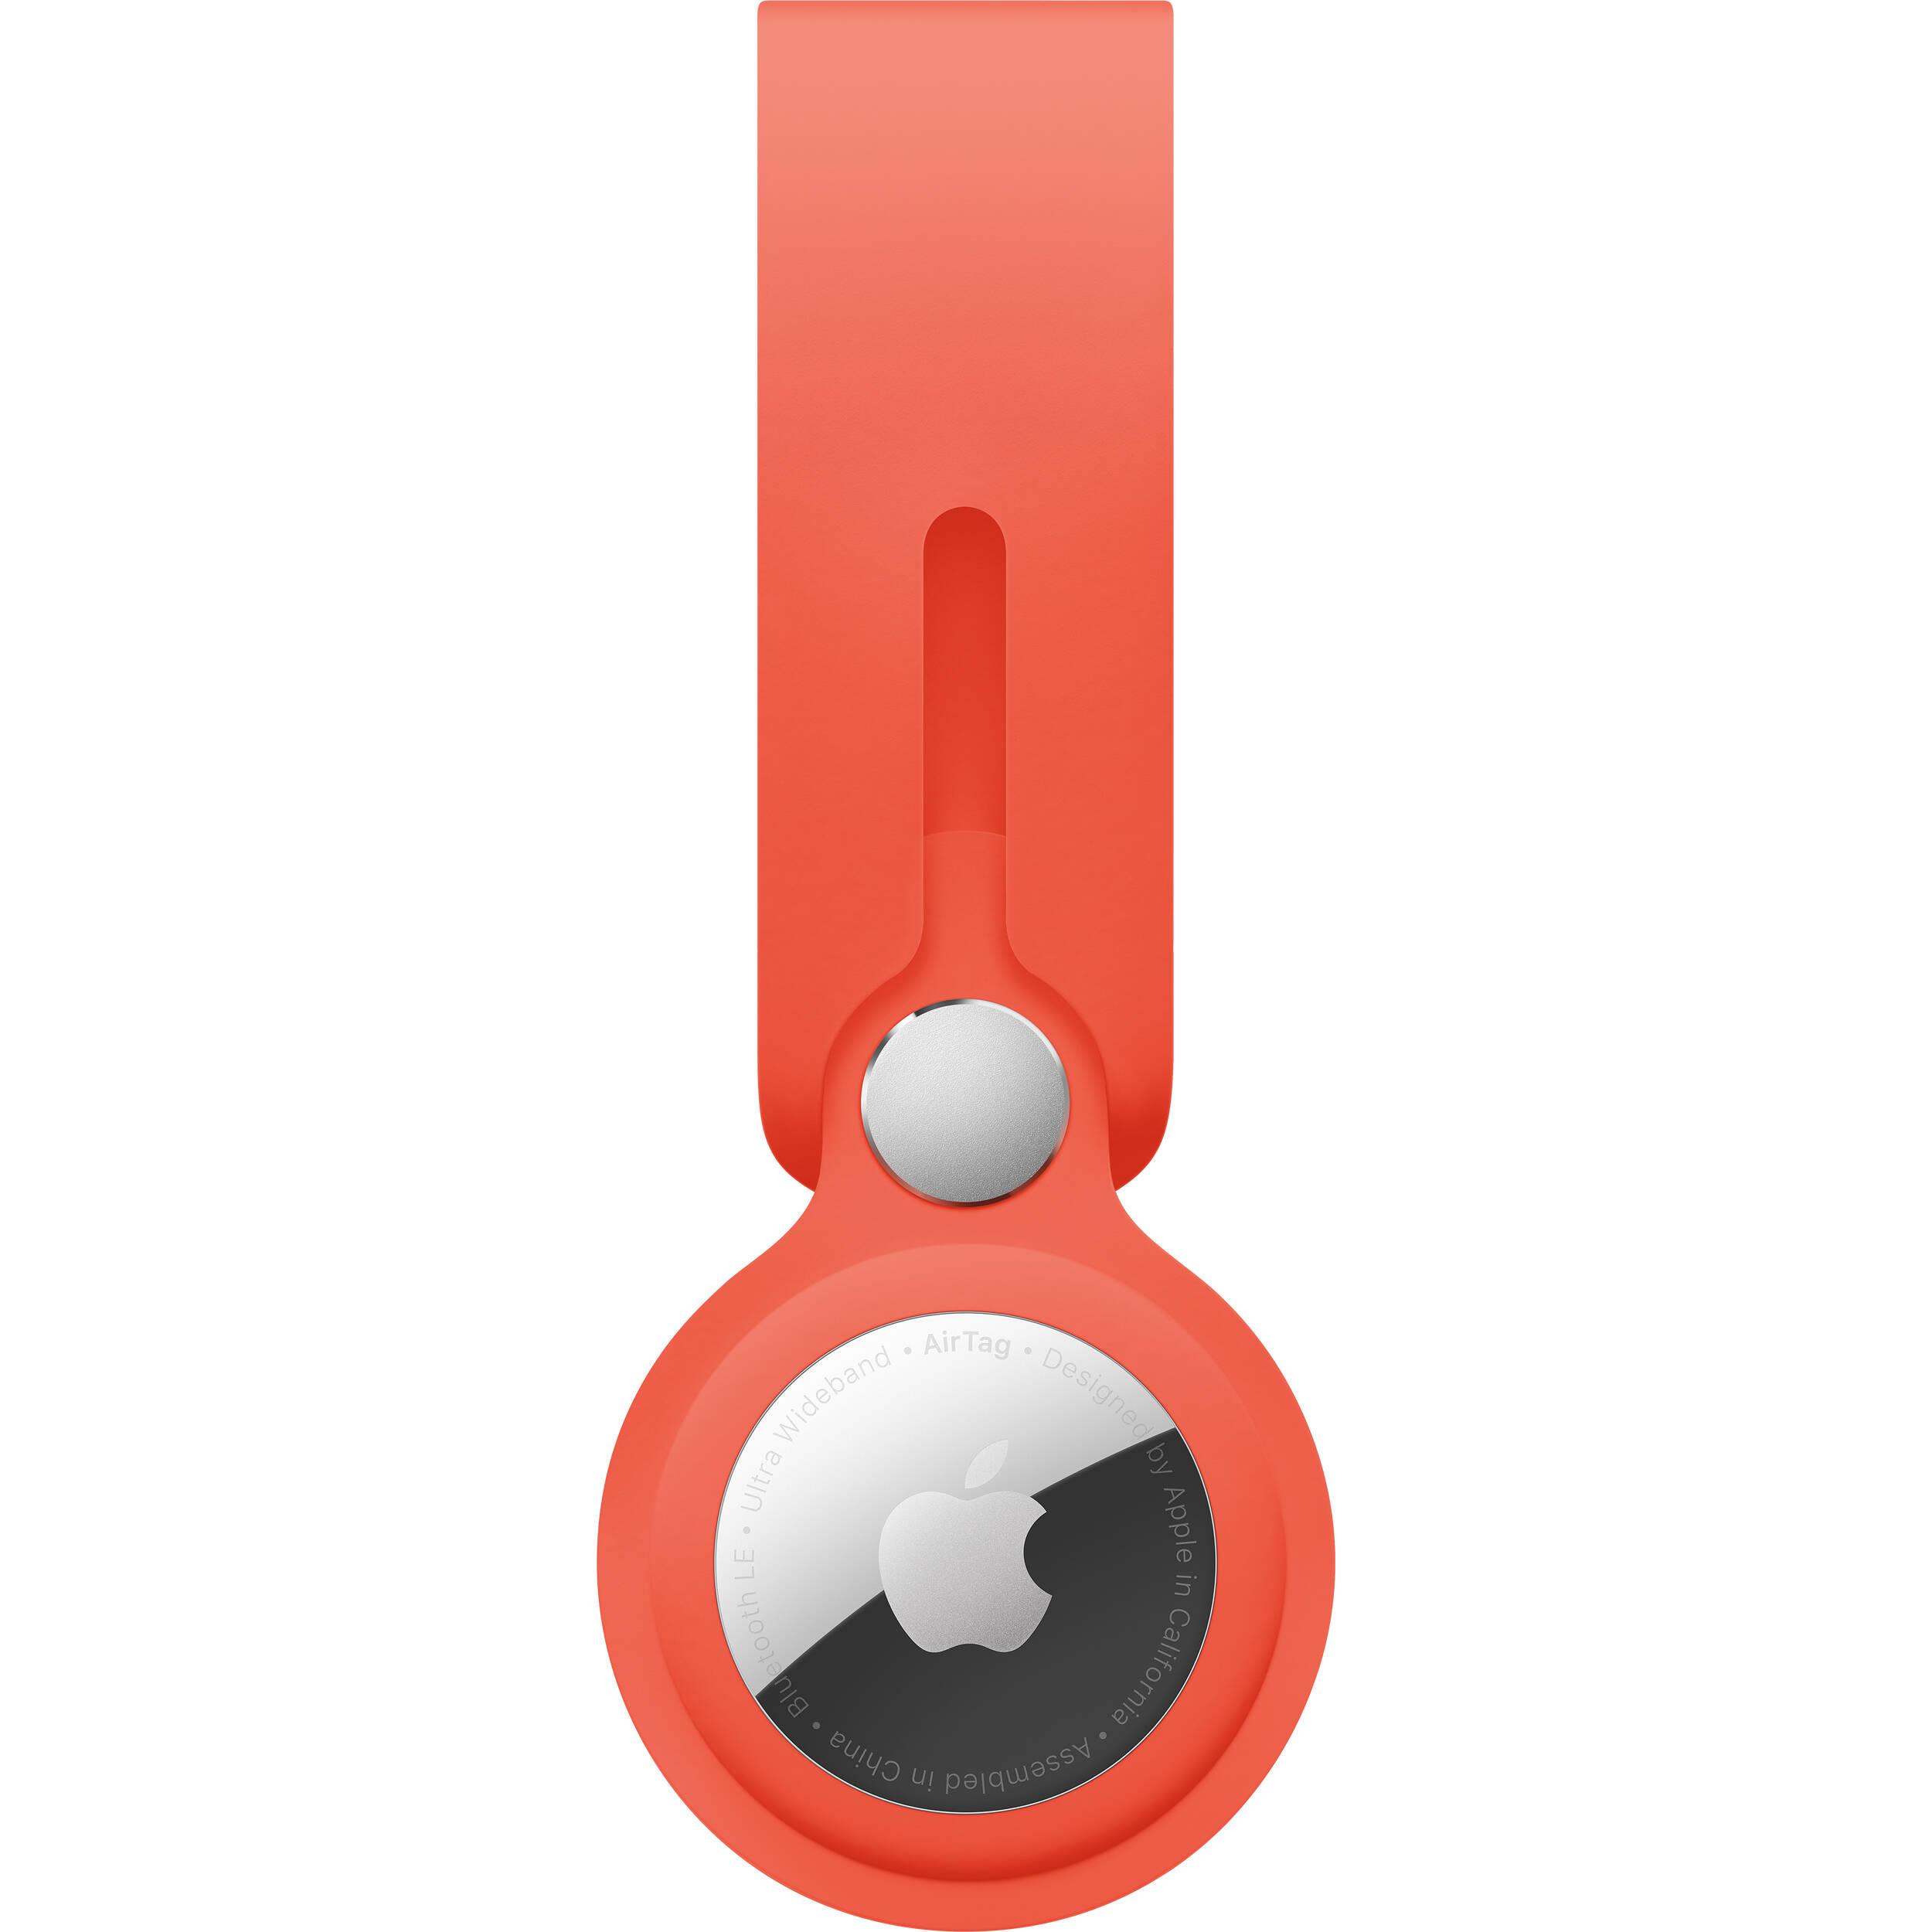 Airtag Loop Electric Orange MK0X3ZM/A image